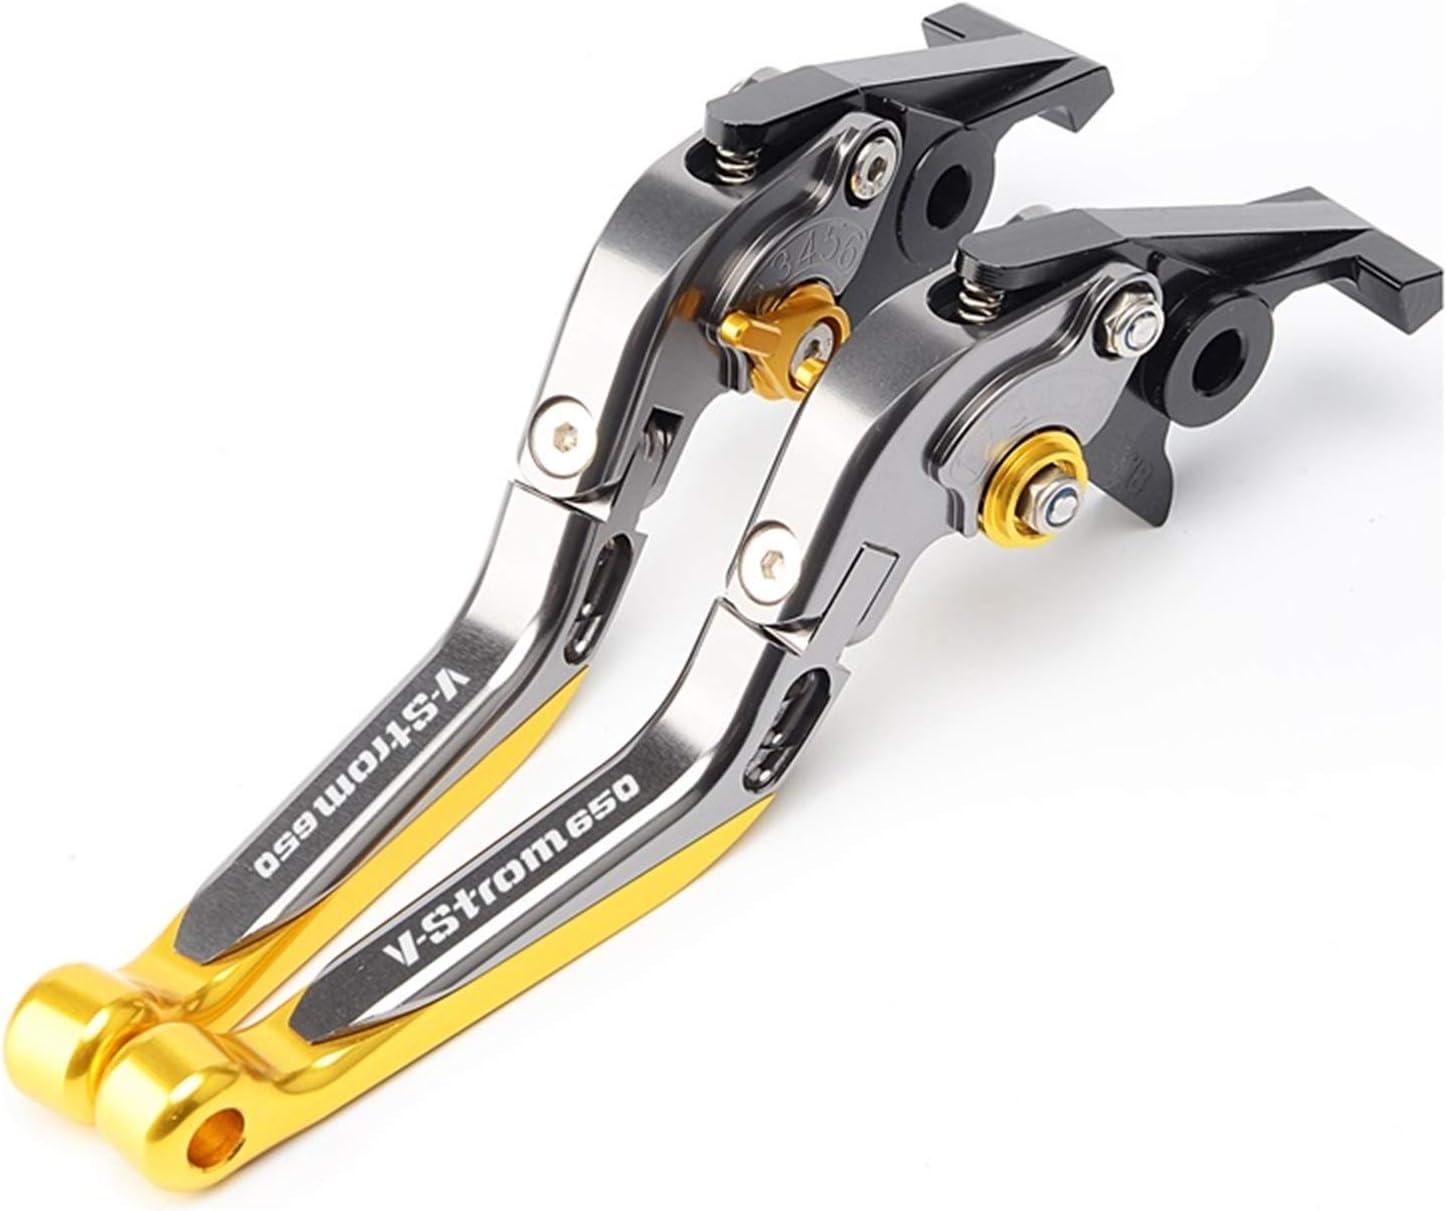 ZHNX wholesale for Now on sale Suzuki V-Strom 650 XT 2011-2020 Motorcycle DL650 VSTROM